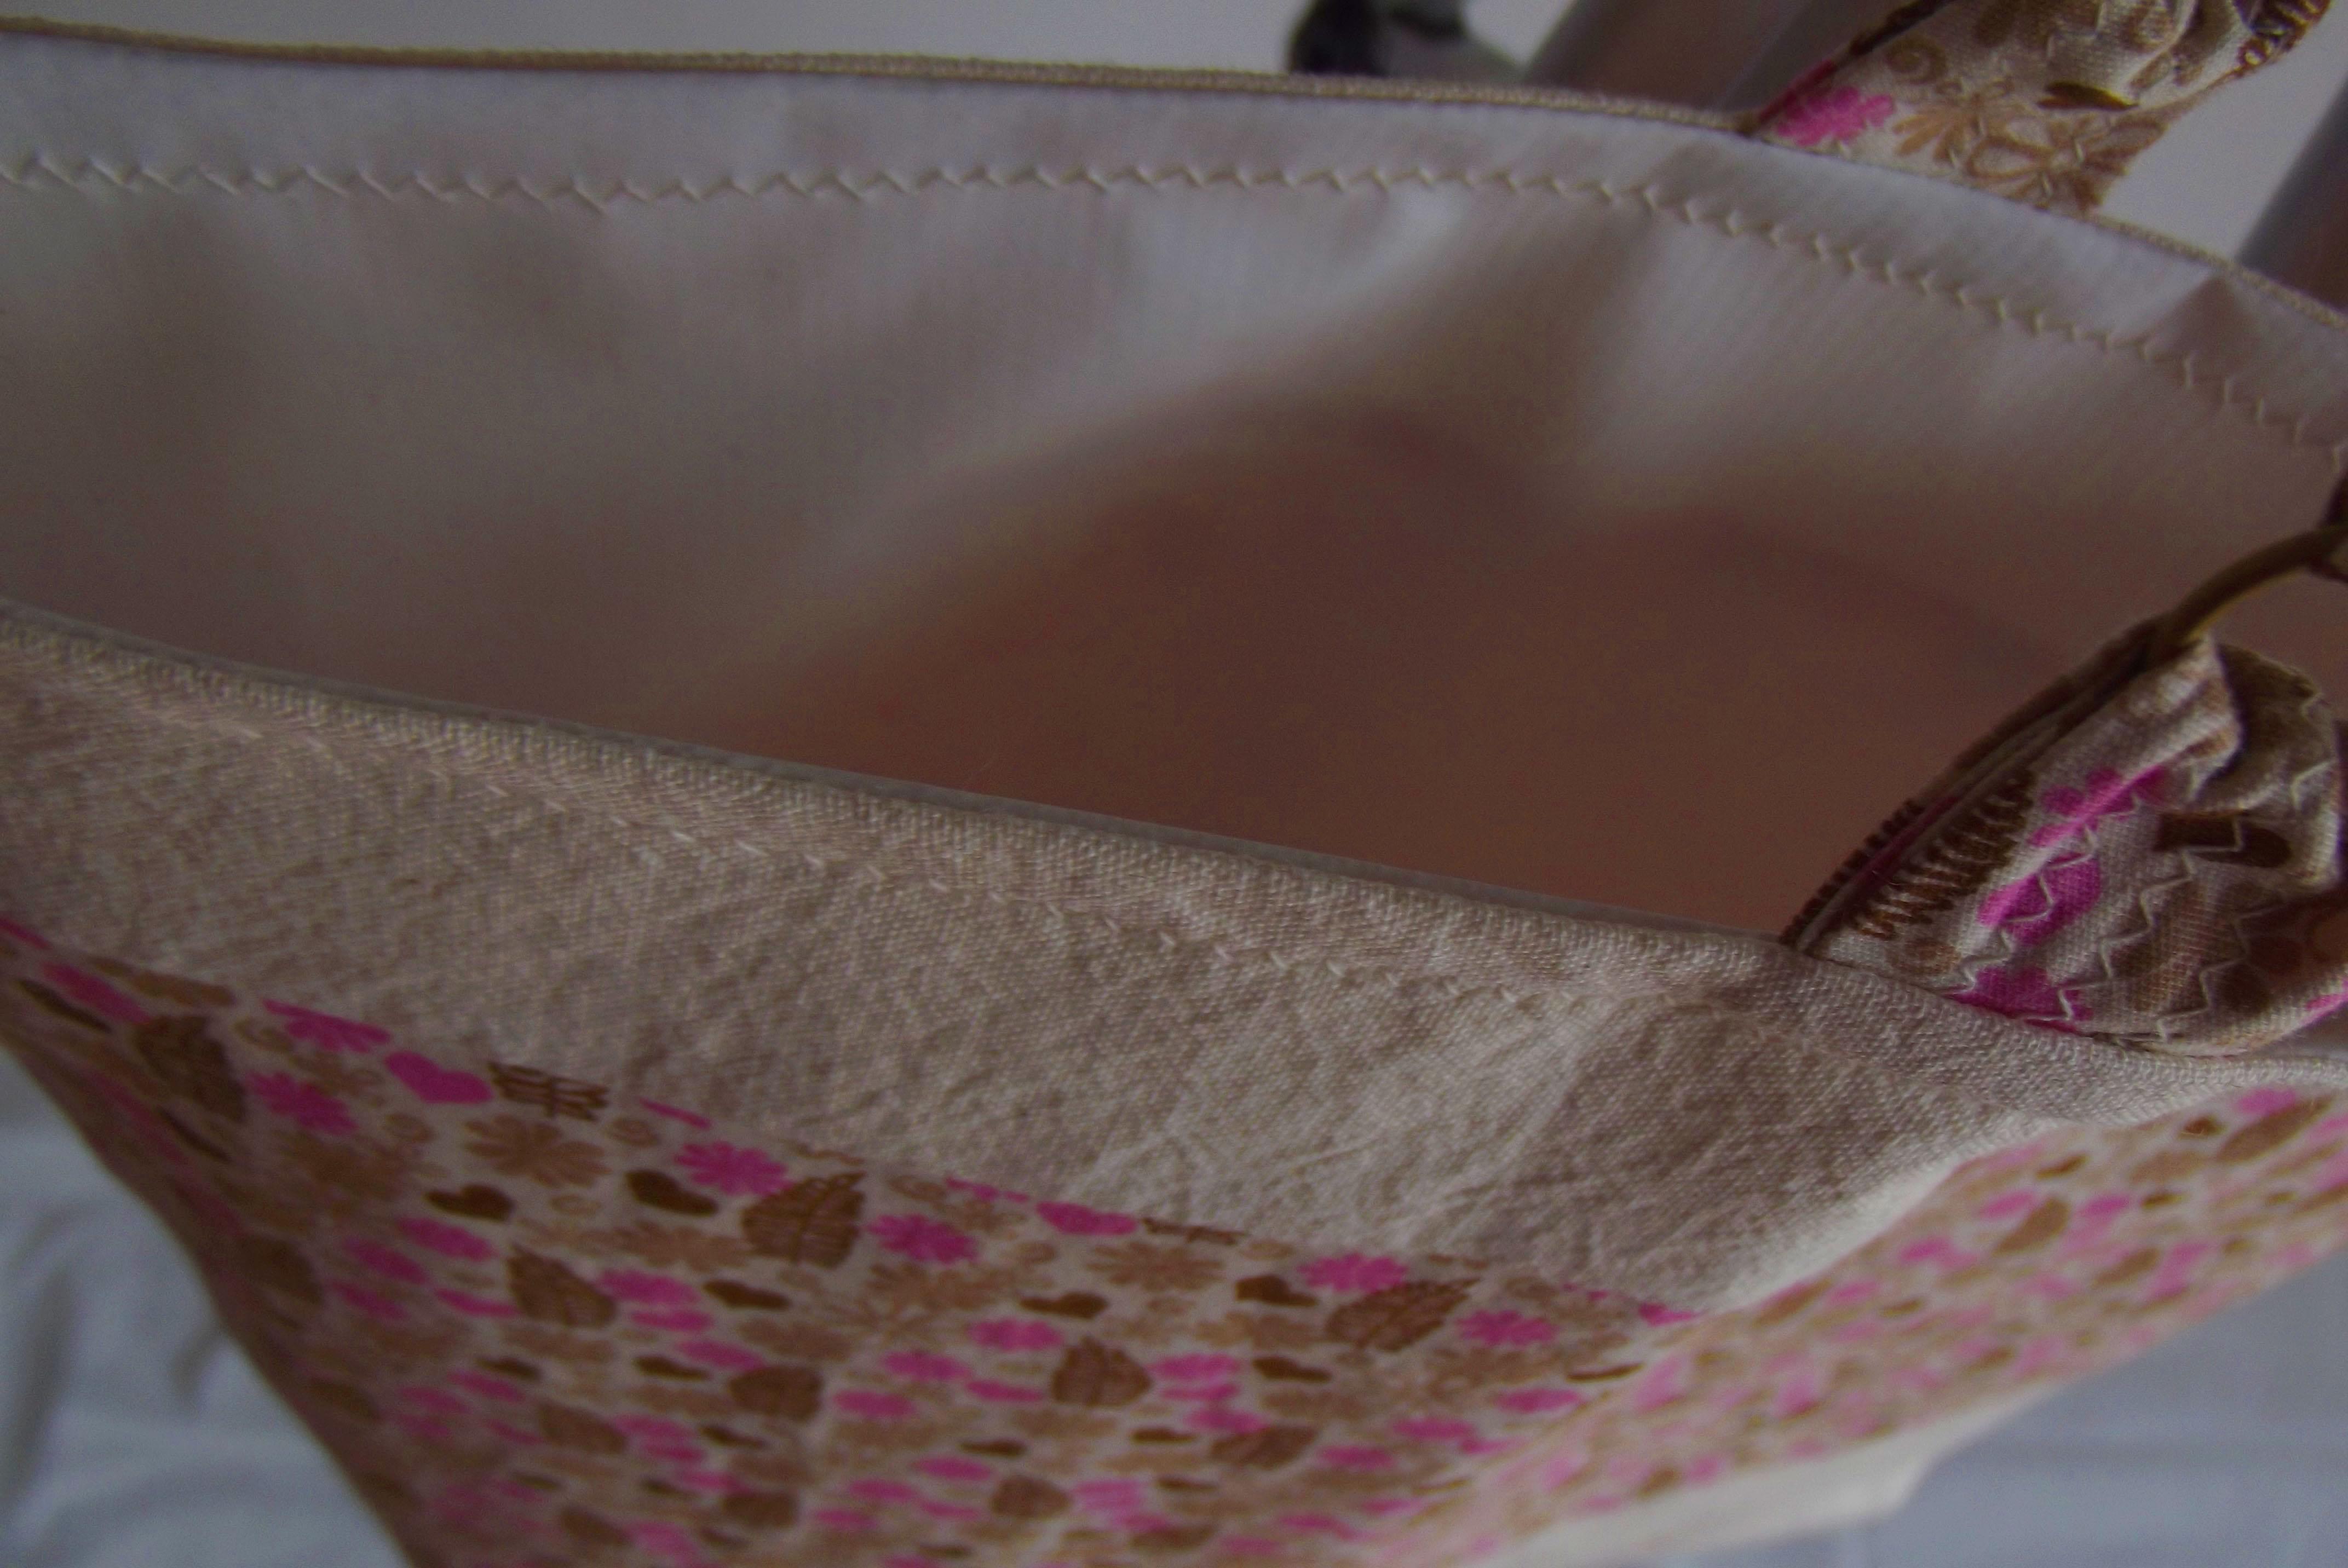 Bolsa De Tecido De Algodão Cru : Bolsa de algod?o cru estampada mat?ria prima ateli? elo